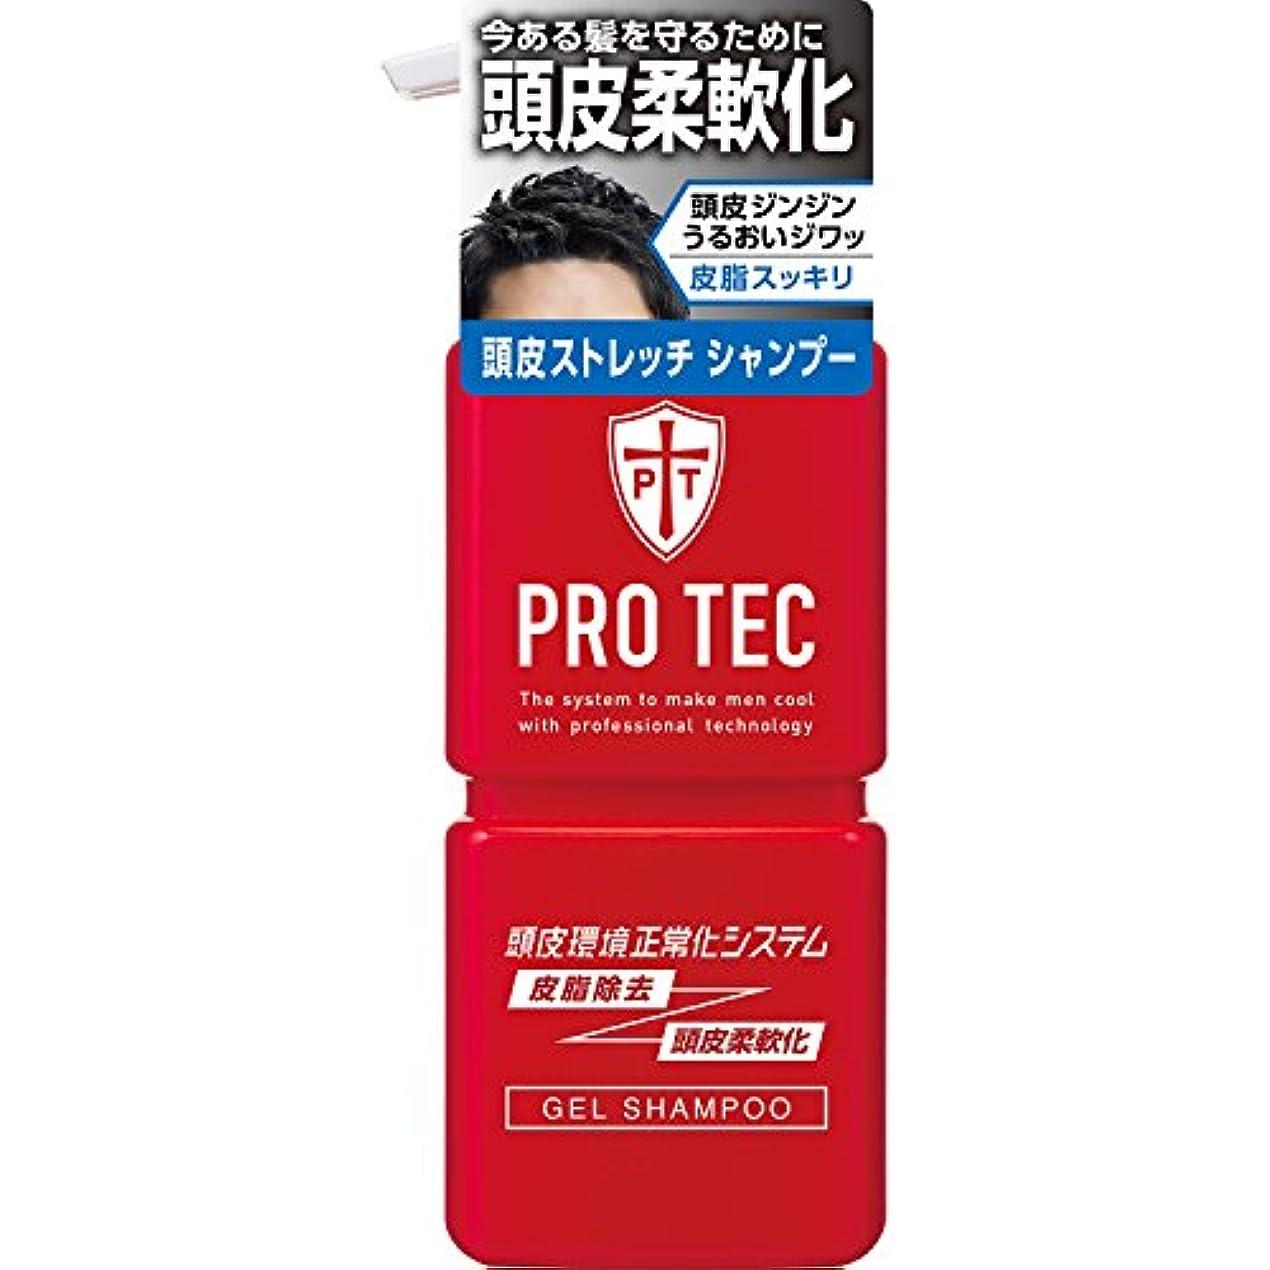 浸す甘美なブロックするPRO TEC(プロテク) 頭皮ストレッチ シャンプー 本体ポンプ 300g(医薬部外品)